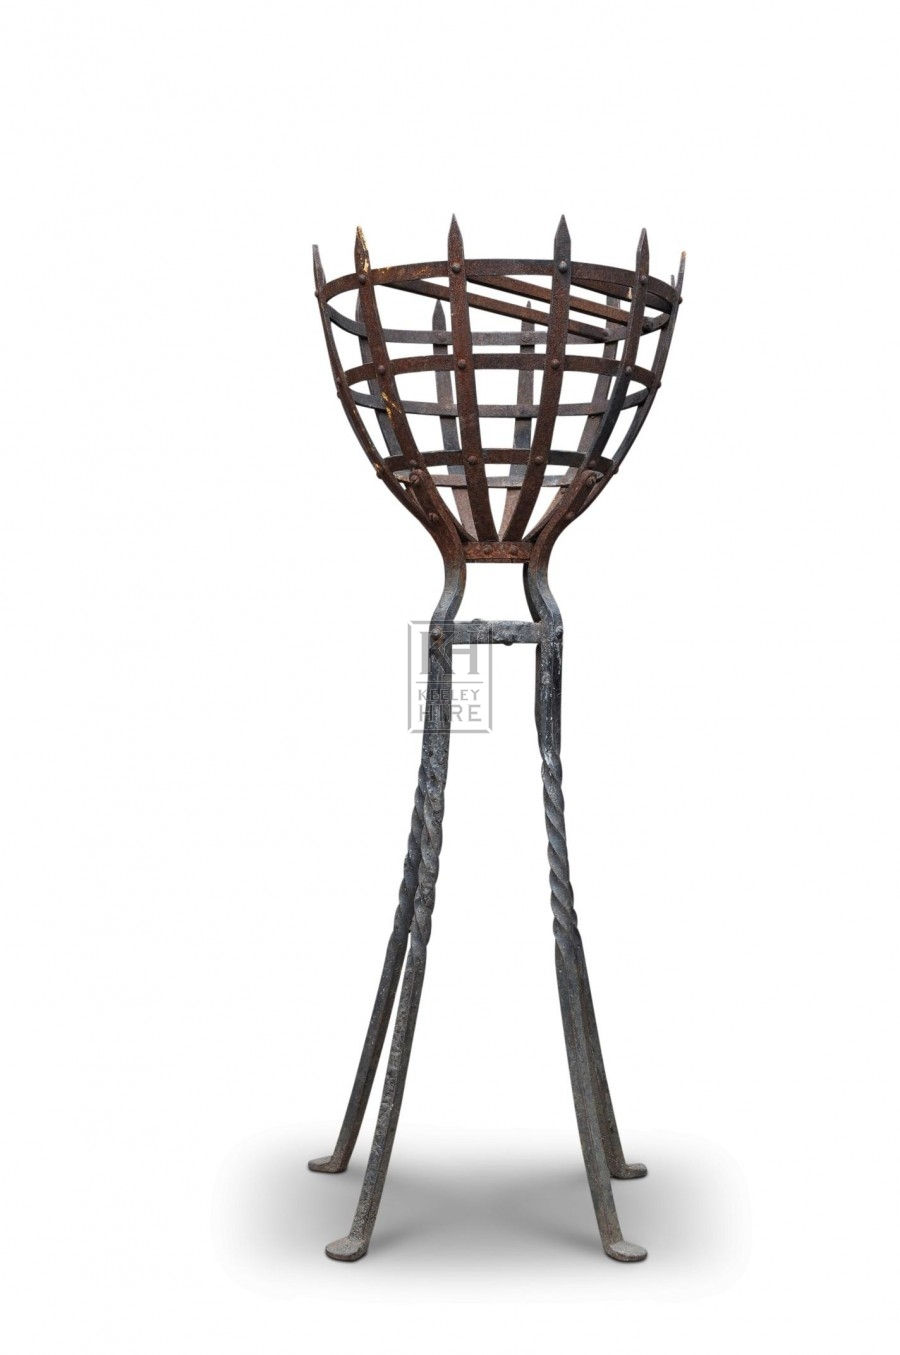 Brazier - Freestanding Basket